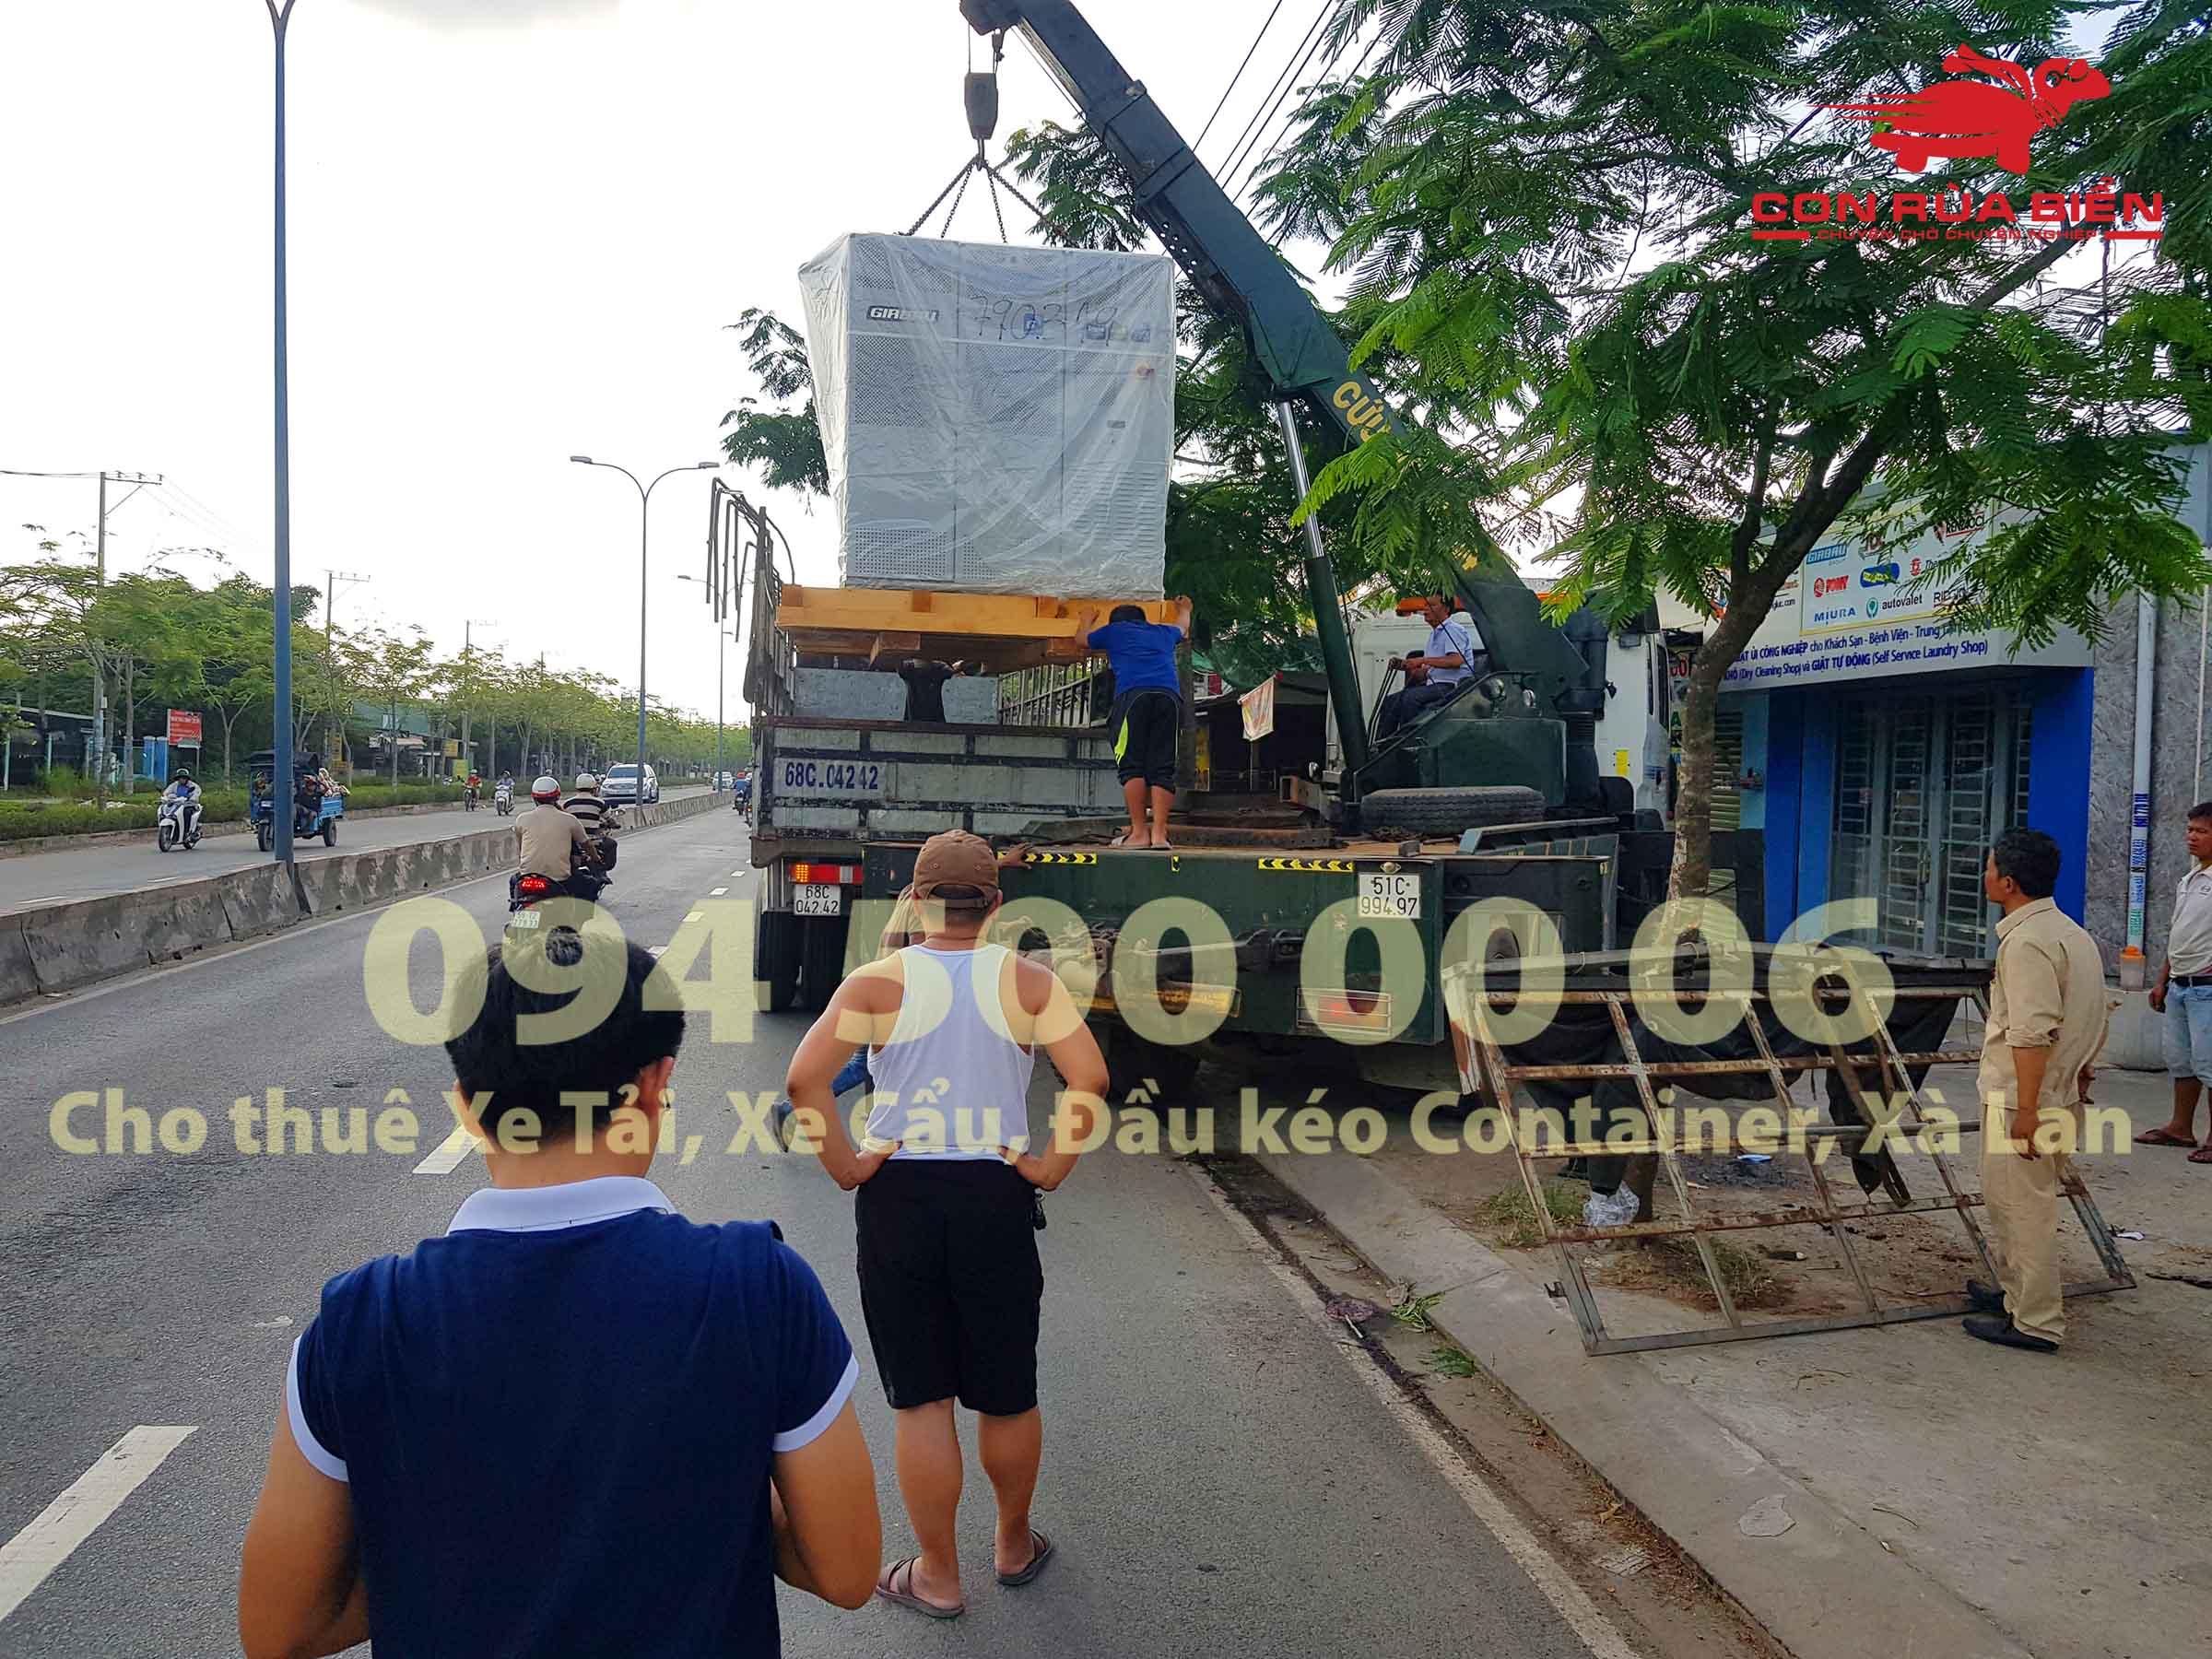 Du an Van chuyen May Giat Say Cong Nghiep di Phu Quoc 48